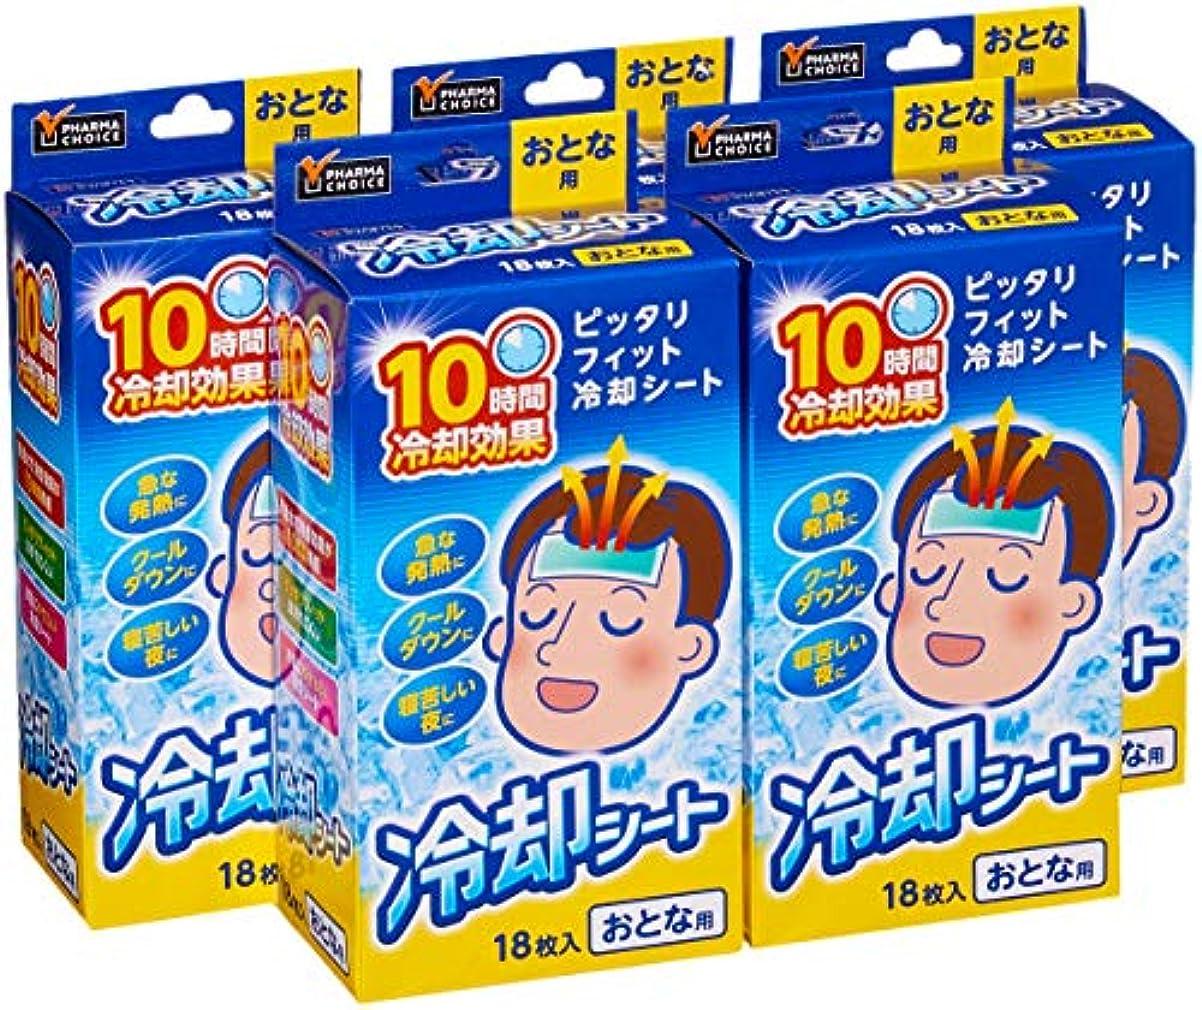 再撮り浮浪者置くためにパック[Amazon限定ブランド]  PHARMA CHOICE 冷却シート おとな用 18枚入(3枚×6袋)×5箱